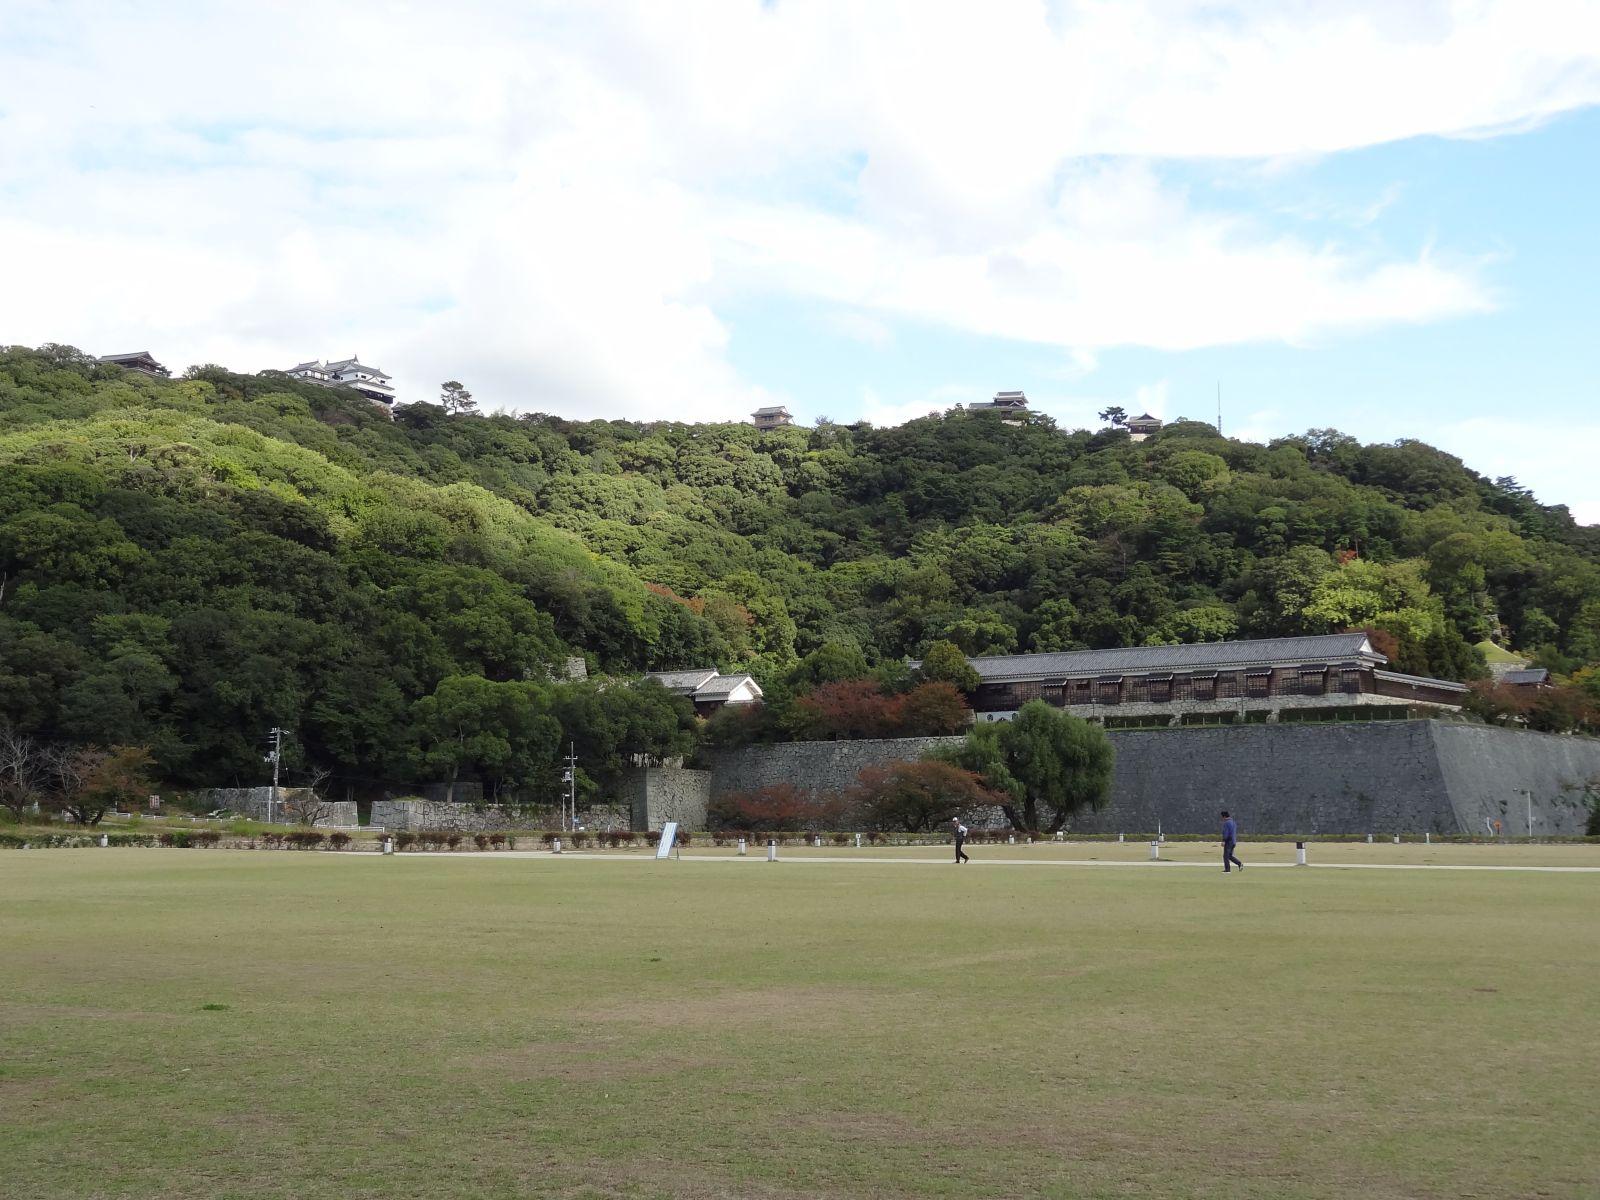 秋の松山城(堀之内公園より撮影)の写真です。クリックすると拡大します。